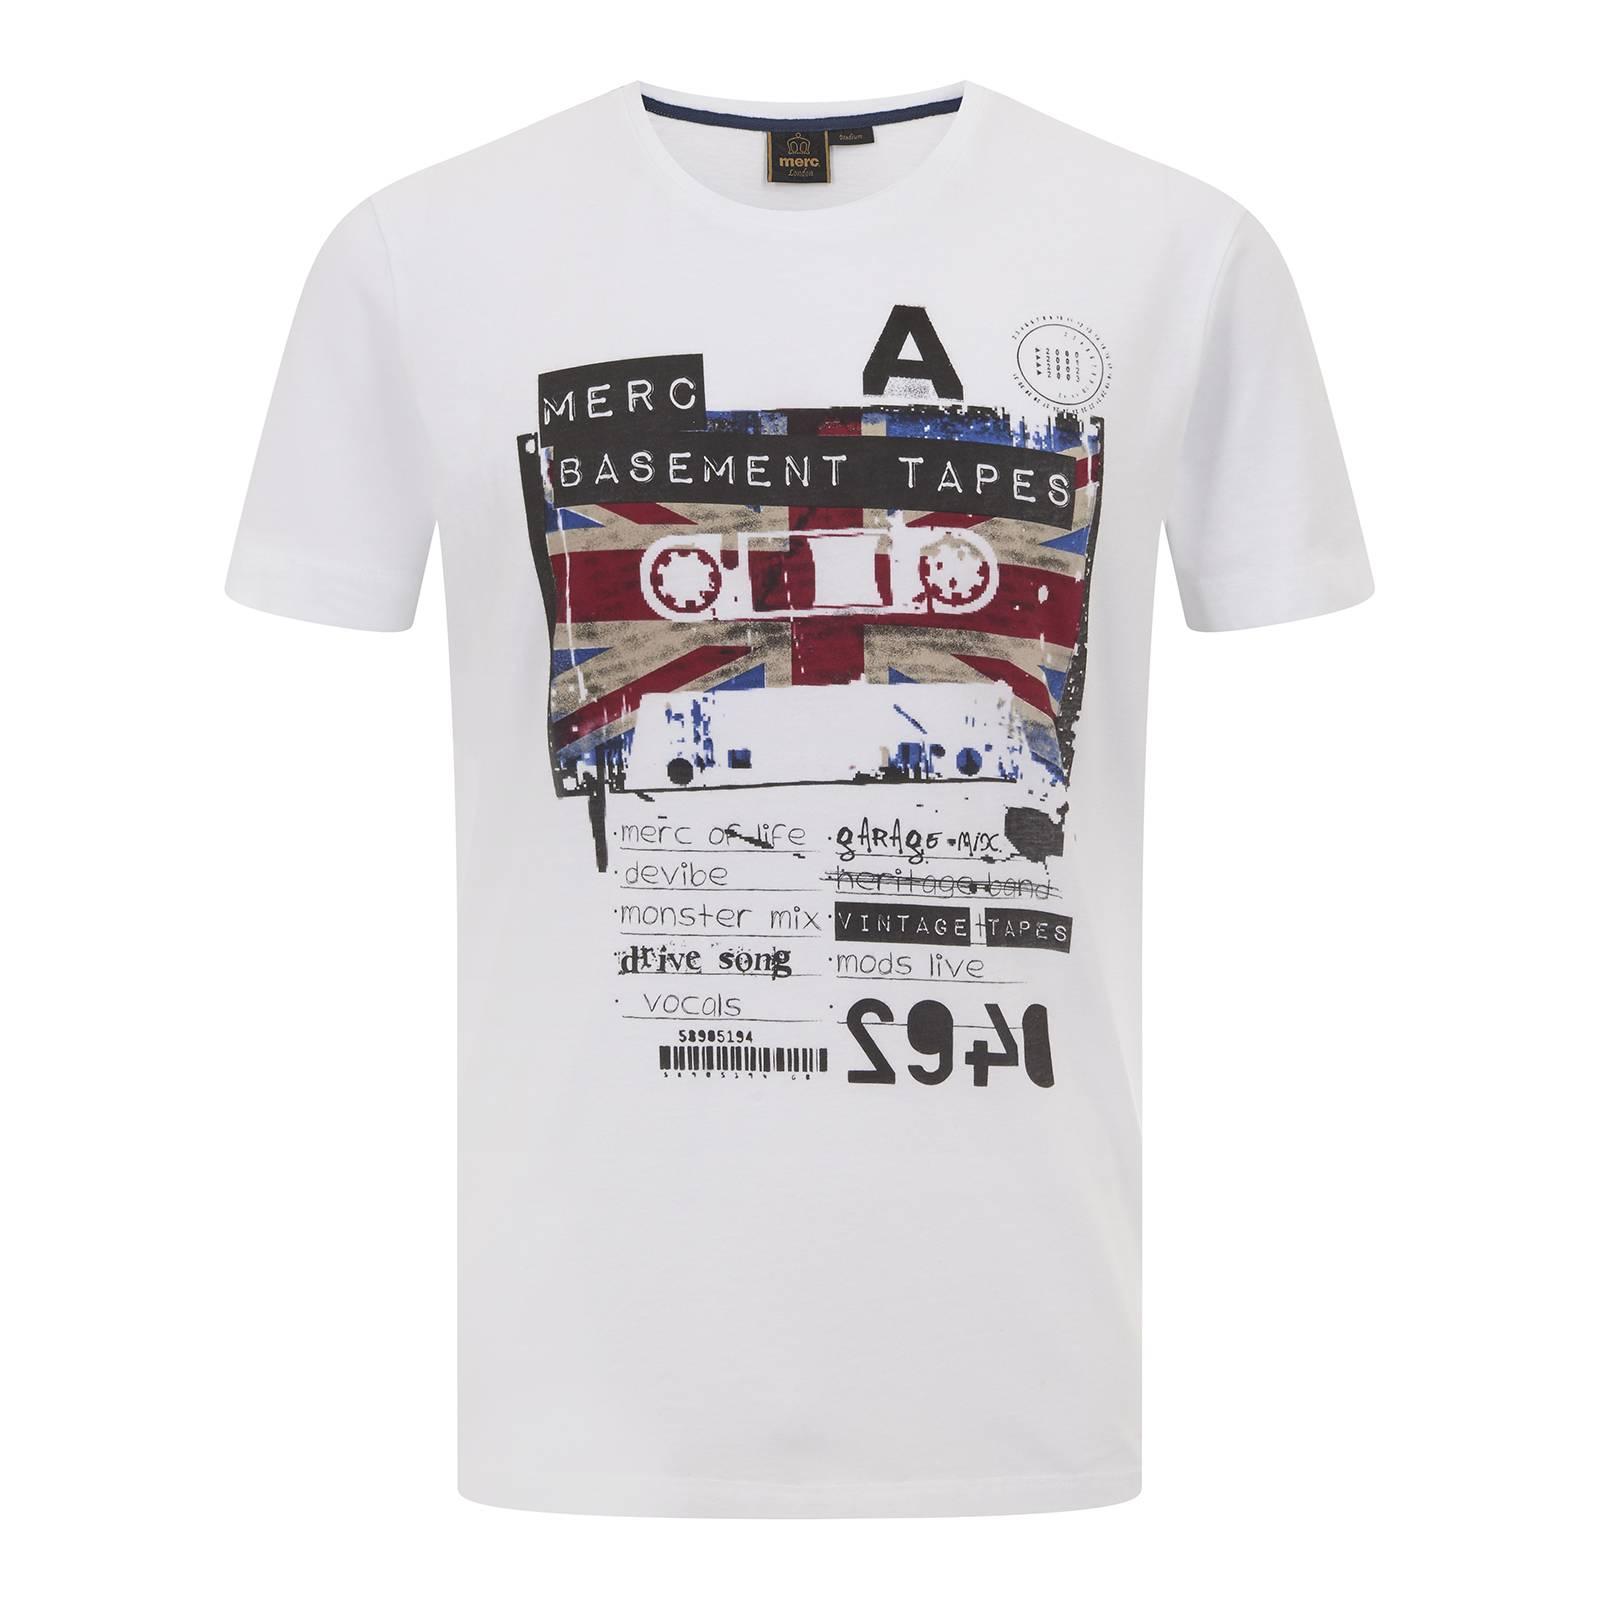 Футболка SonikФутболки<br>Продолжая знаковую для идентичности бренда тему музыкального наследия британской субкультурной сцены 60-80-х, эта мужская футболка посвящена импровизированному релизу сборника гаражного рока, выпущенному неизвестным истории андеграундным рекорд лейблом Merc Basement Tapes на старой доброй компакт-кассете. Как всегда эффектный Union Jack привносит колорит и добавляет акцент в оригинально стилизованный поп-арт рисунок. Произведена из легкой хлопковой ткани Джерси.<br><br>Артикул: 1716105<br>Материал: 100% хлопок<br>Цвет: белый<br>Пол: Мужской